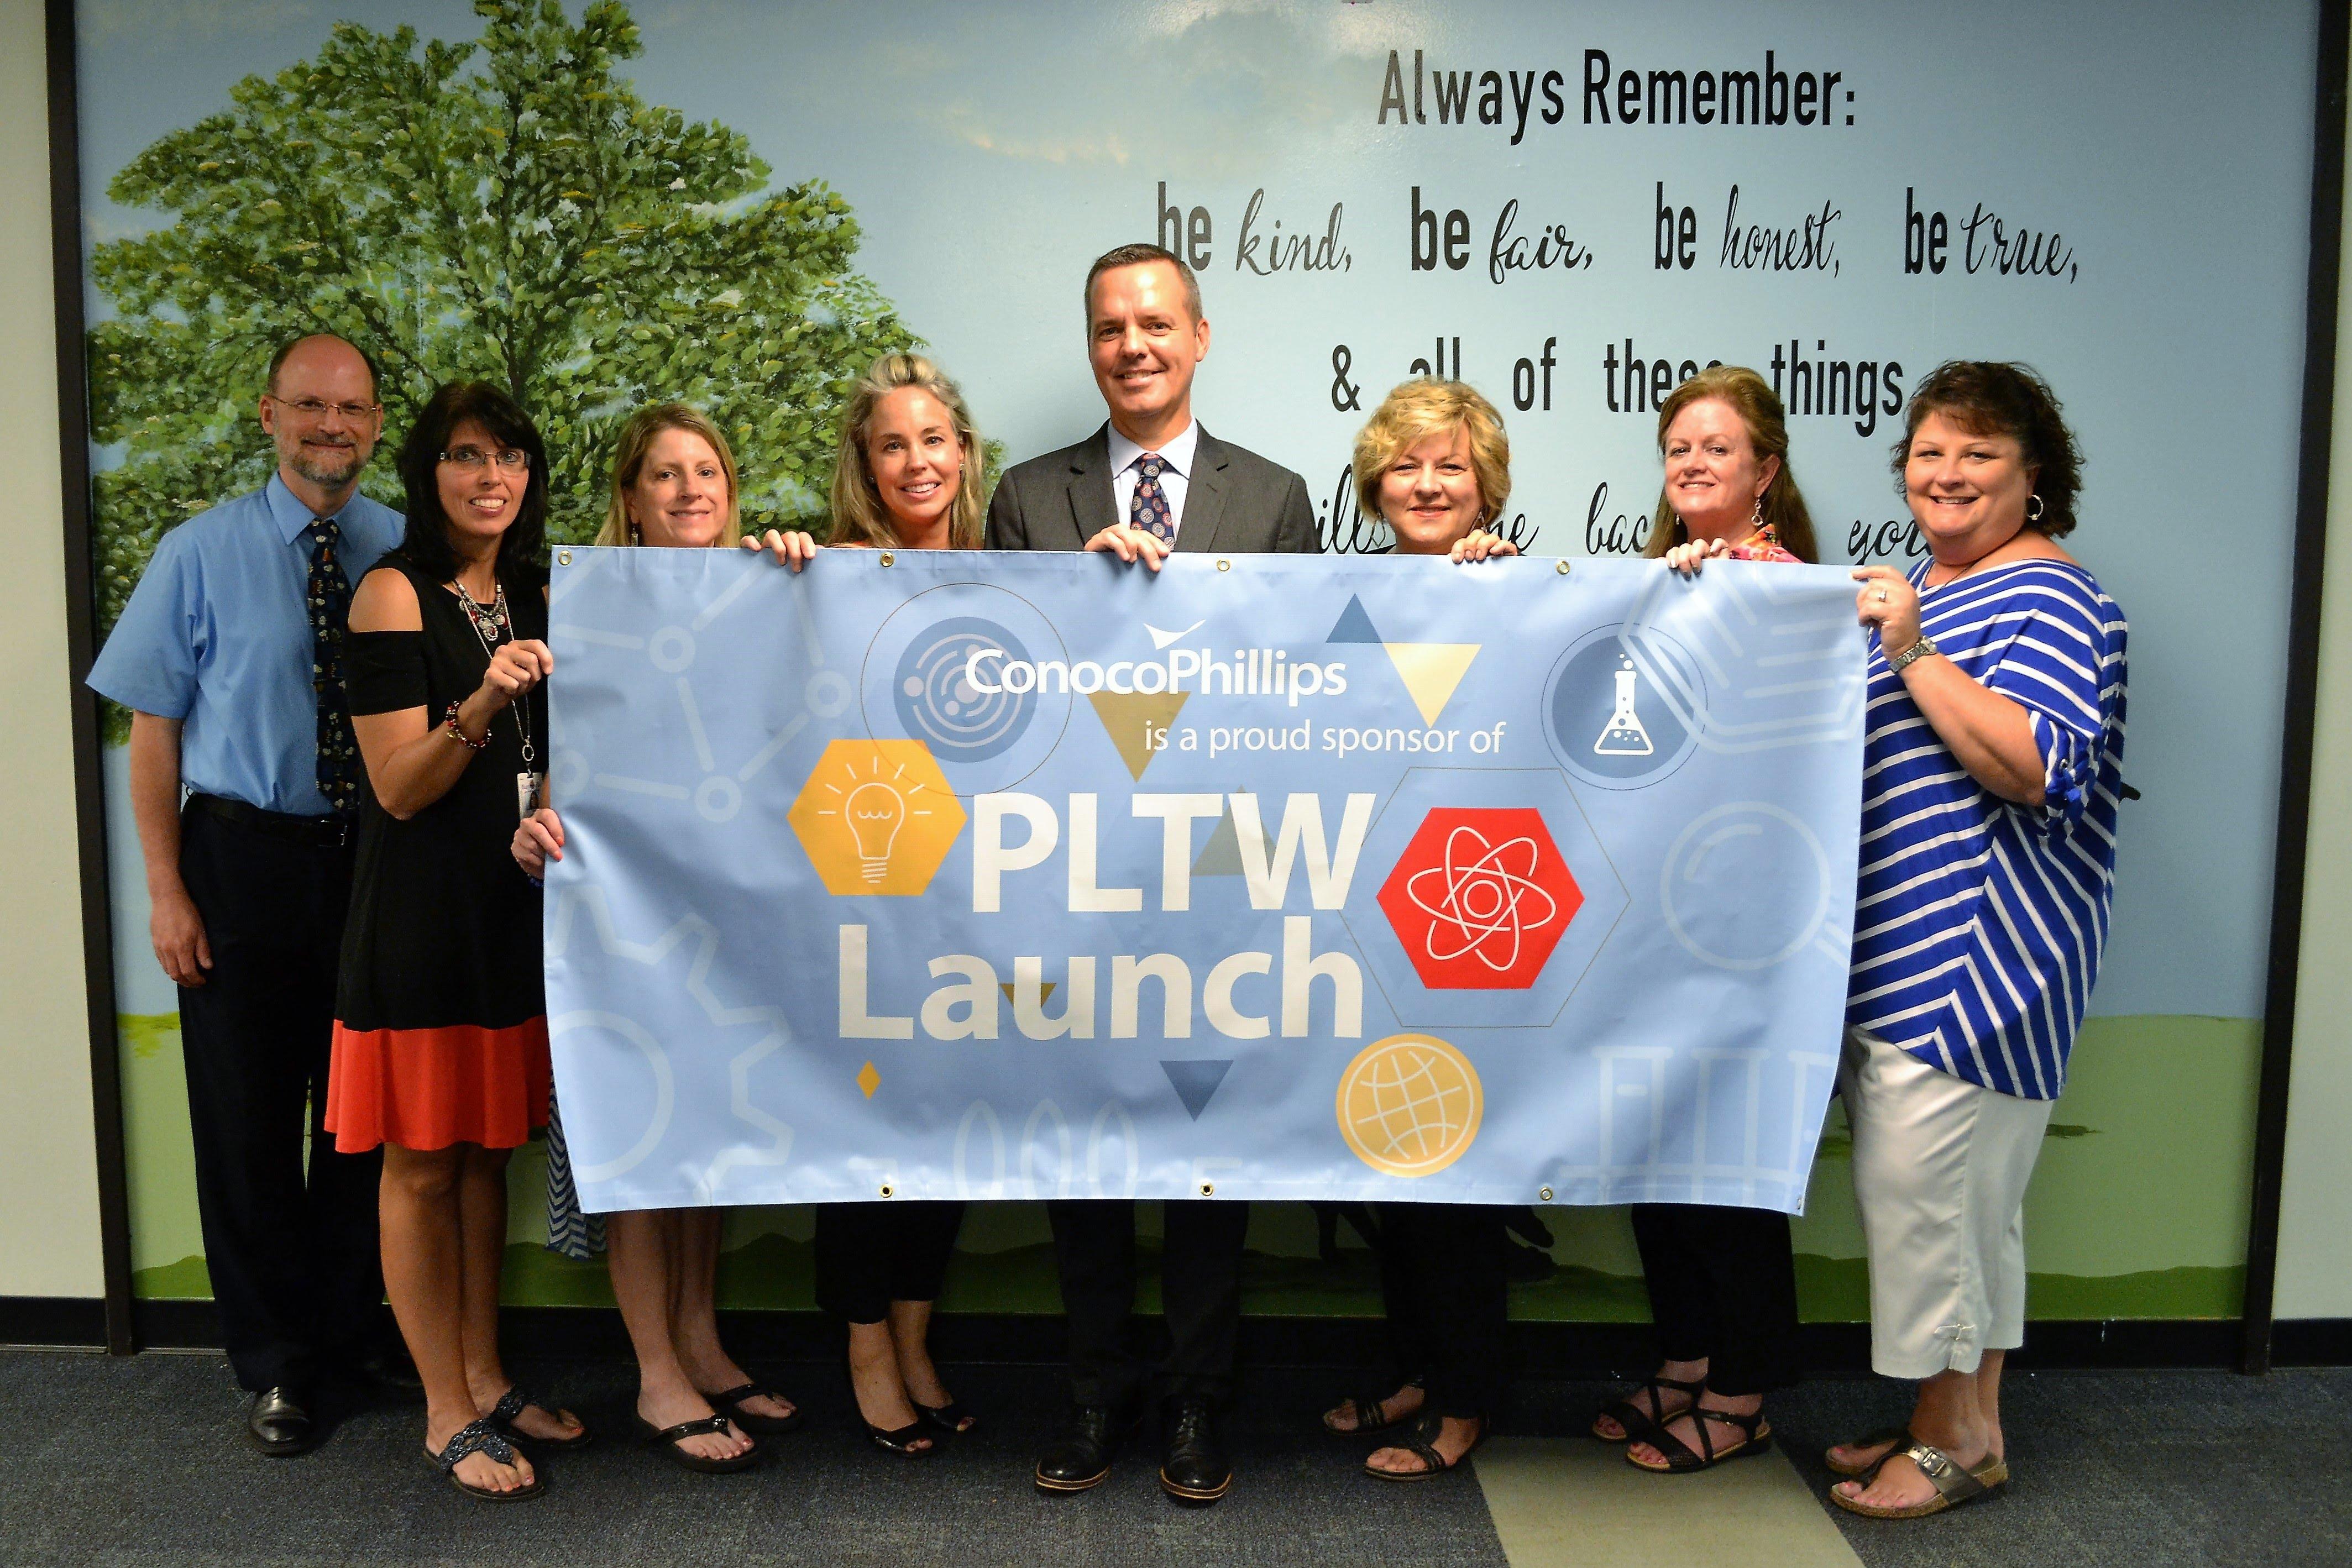 ConocoPhillips & PLTW Launch